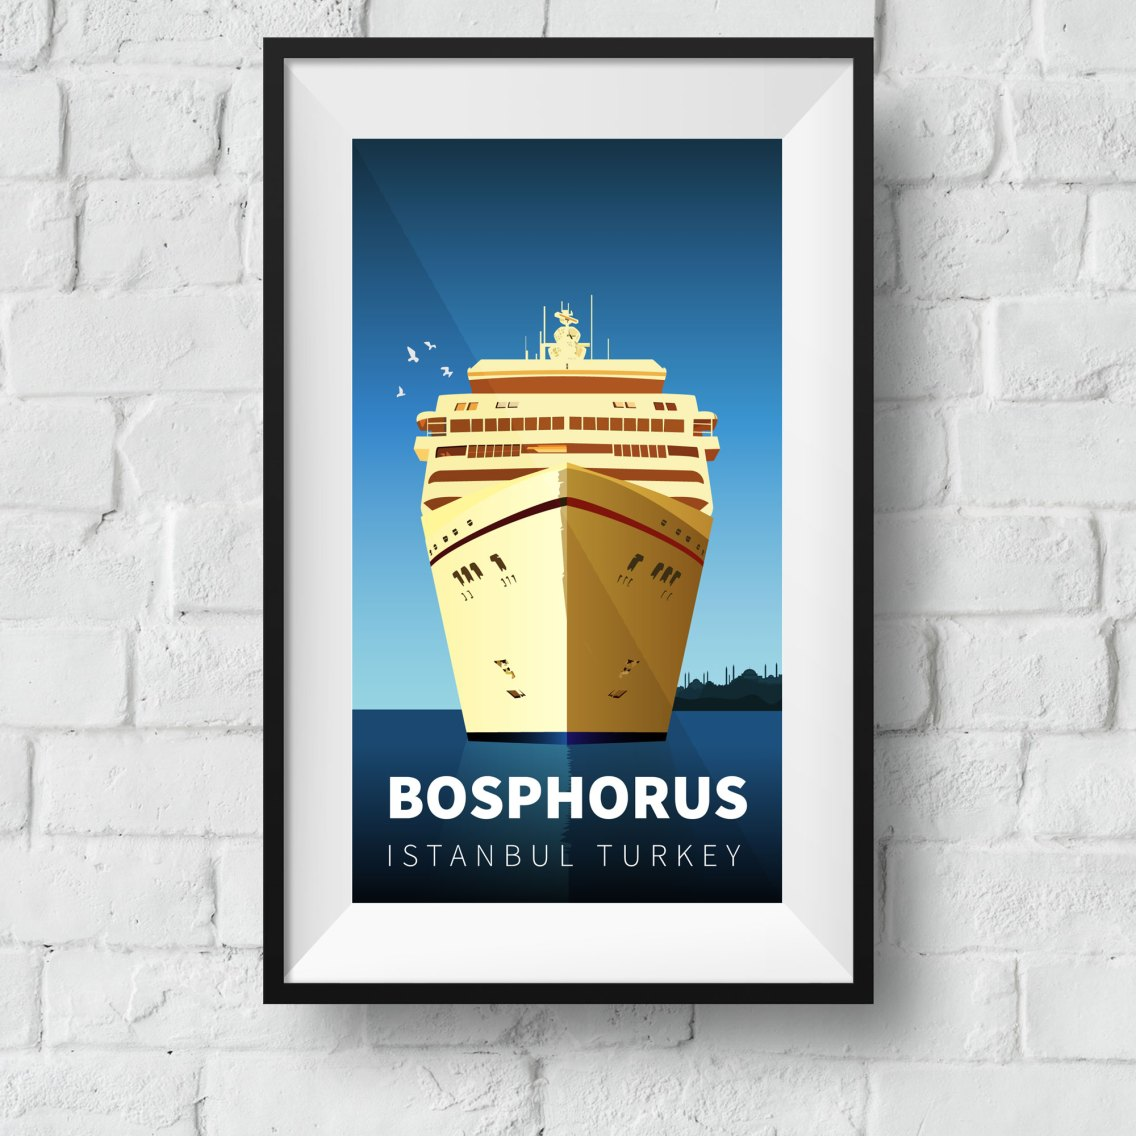 bosphorus-crusie-framed